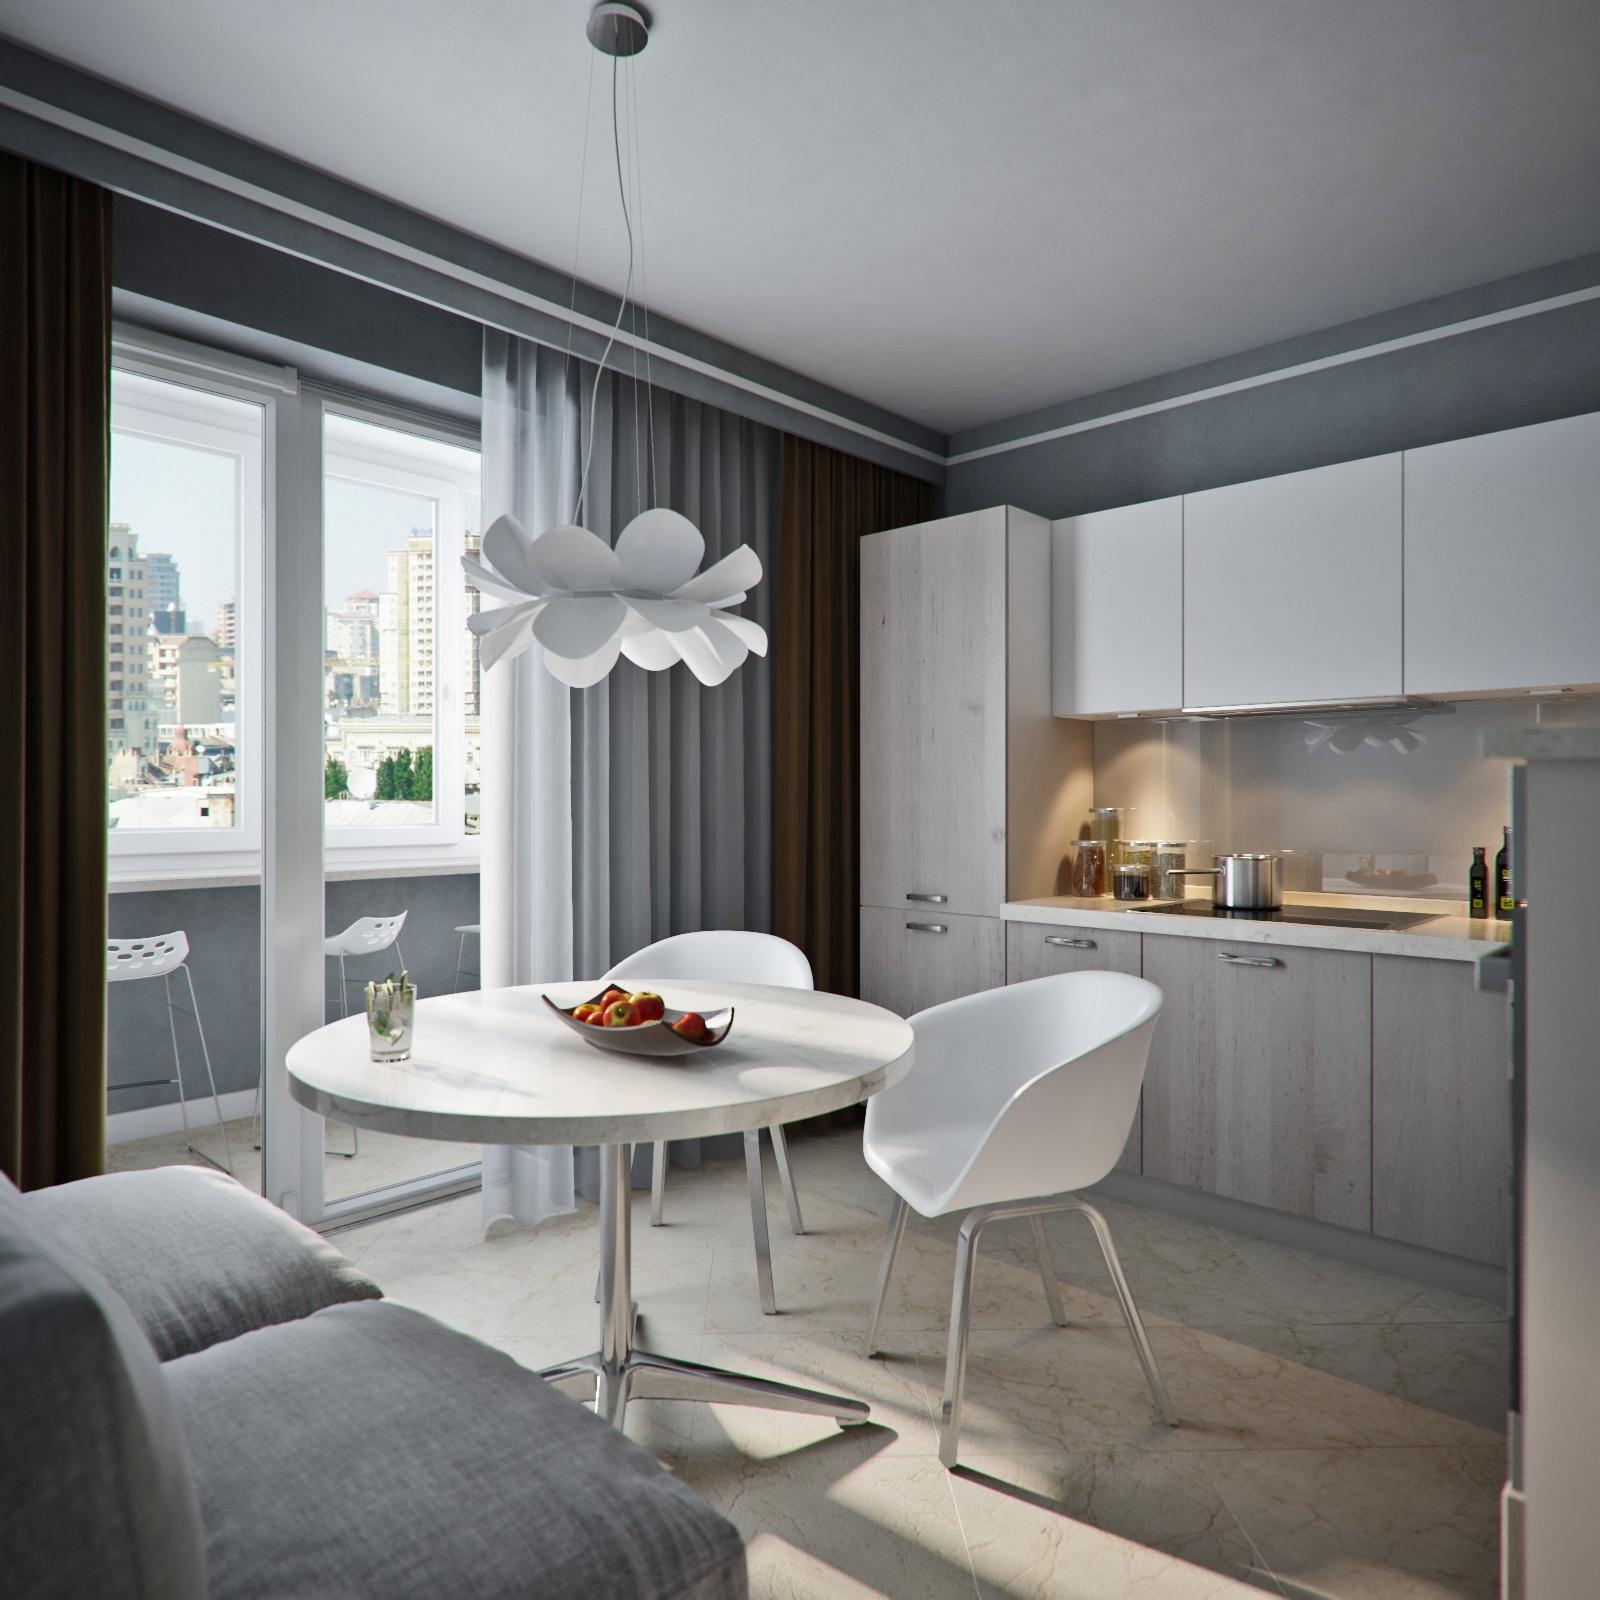 кухня 10 кв м с диваном оформление